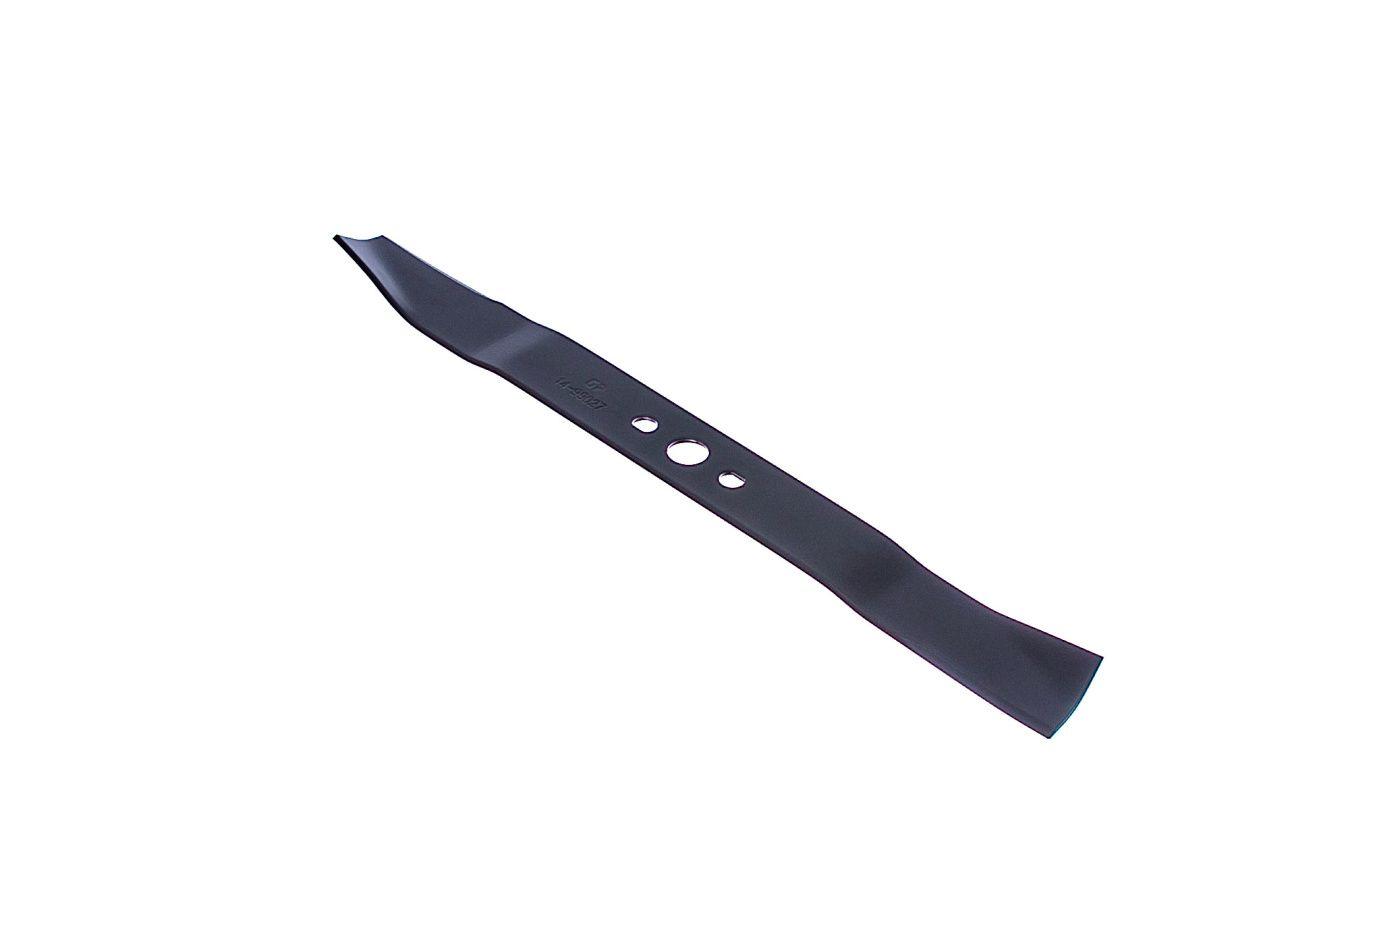 Žací nůž motorových sekaček 40cm NAC DY164PMB HORTMASZ DYM 1563 DYM 1564 - 26300100401